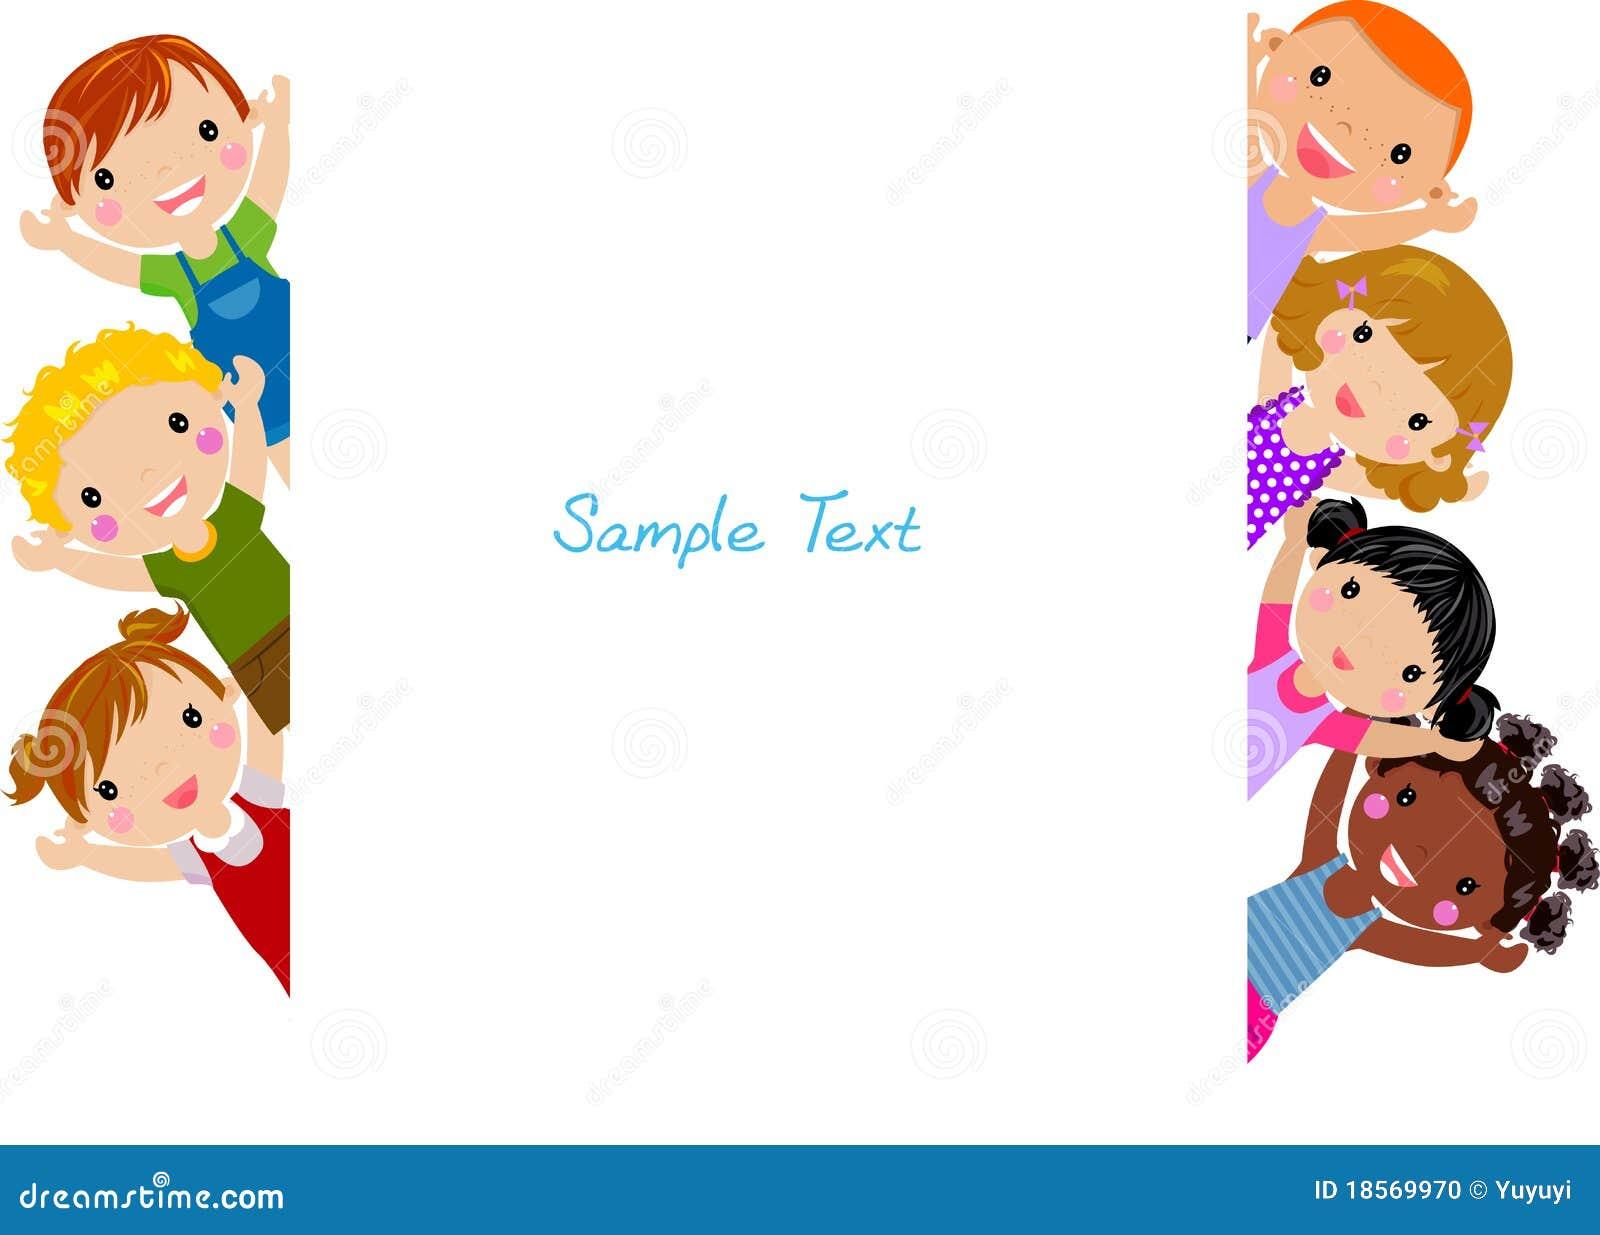 cute cartoon kids frame stock photo image 18569970 amusement park rides clipart amusement park clipart black and white